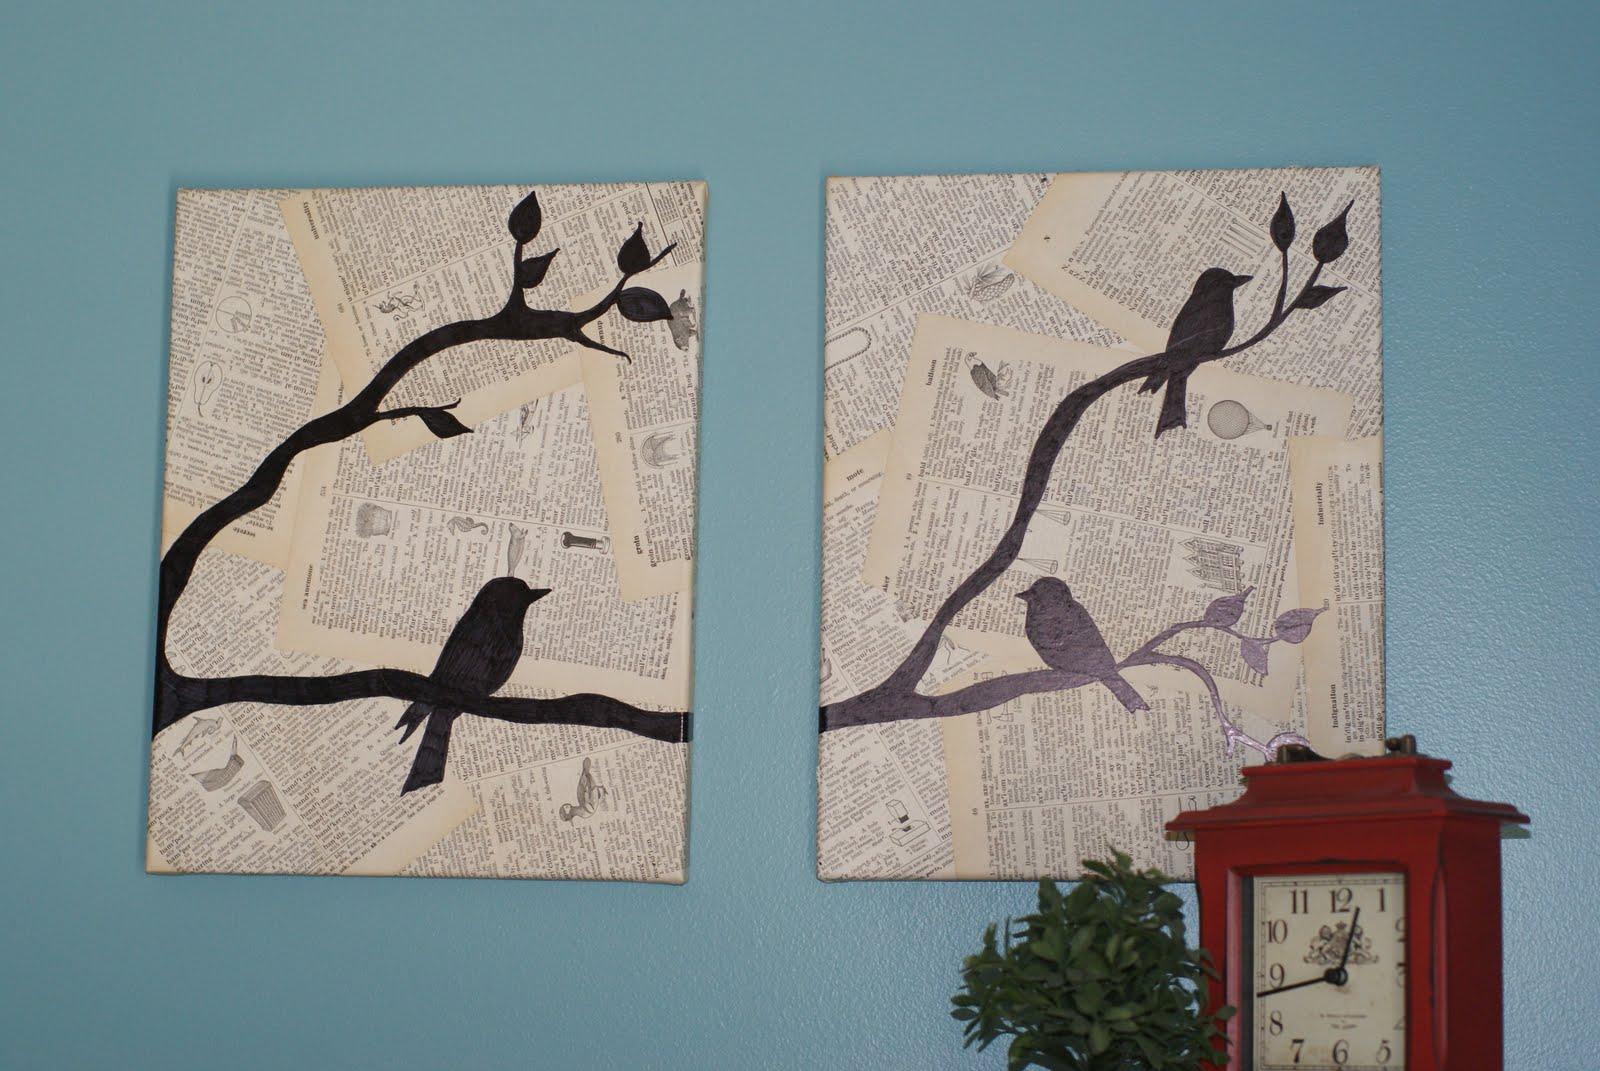 ahora aade lo detalles dibuja las hojas y ramas pequeas - Cuadros Originales Hechos A Mano